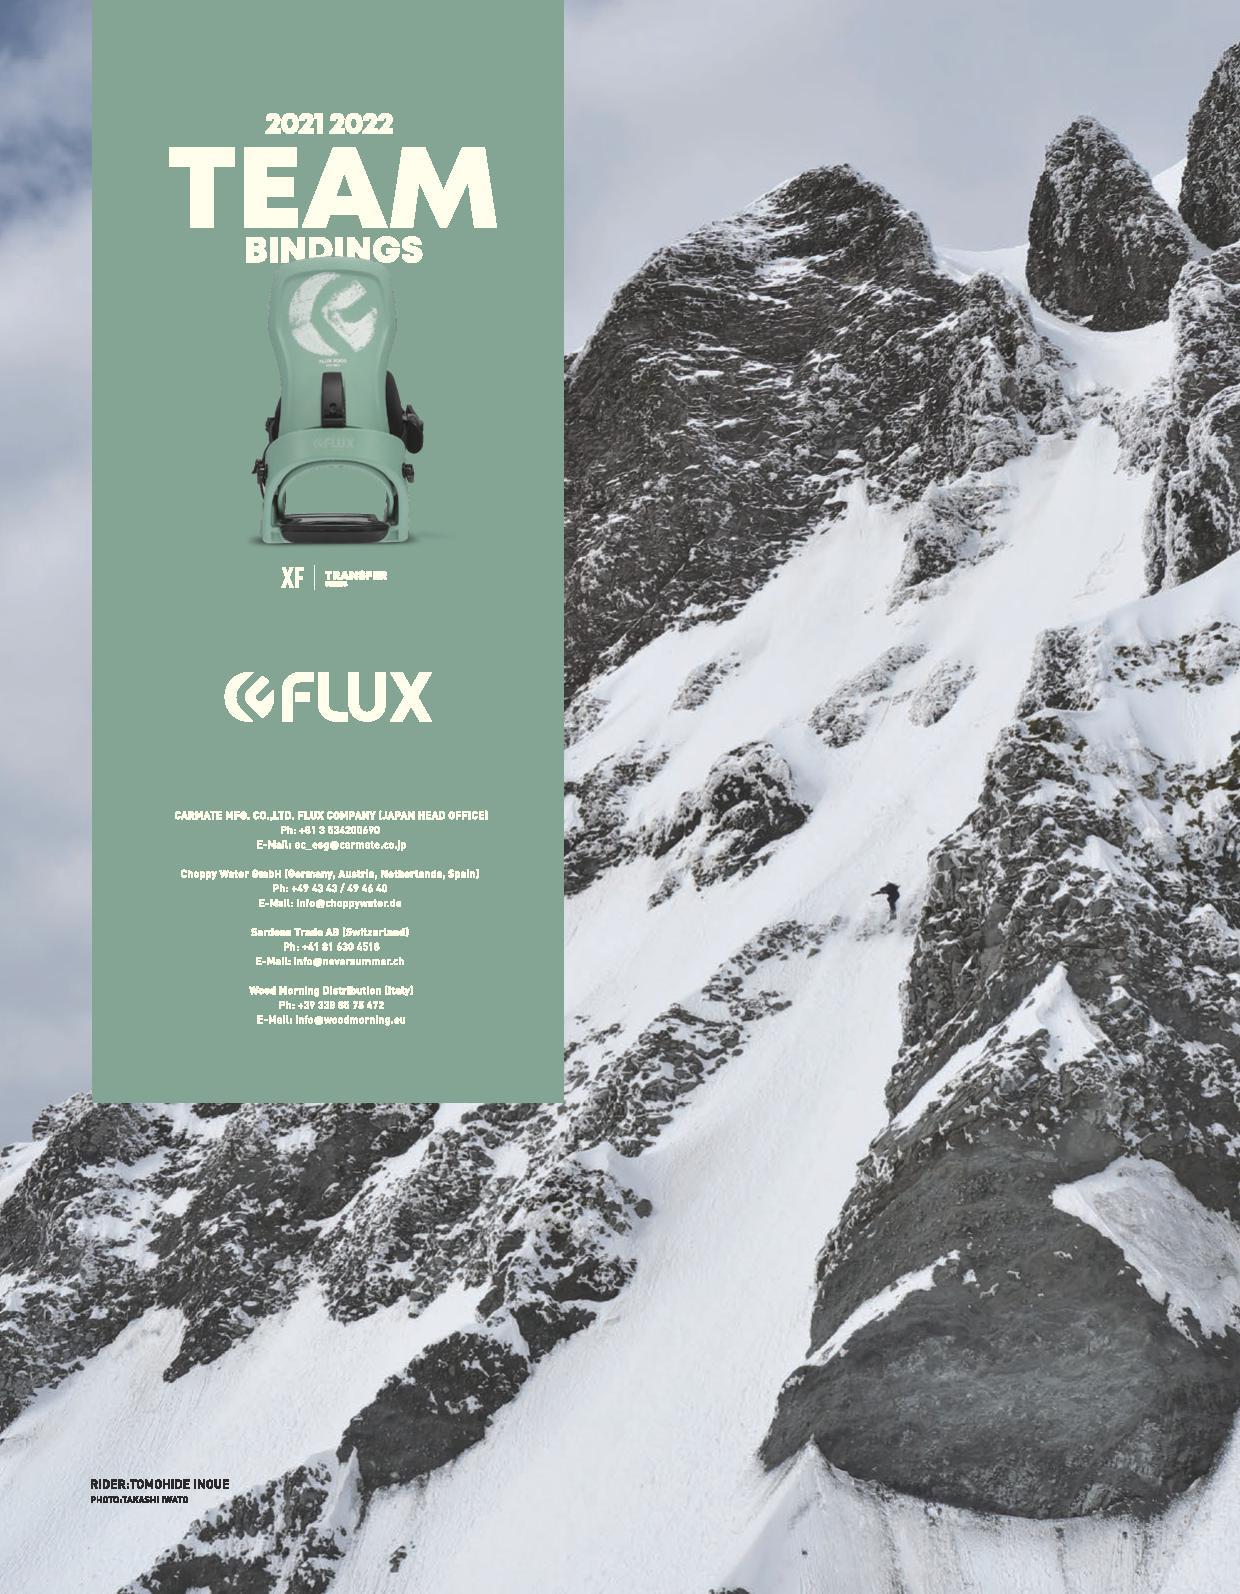 104 Flux snowboard bindings